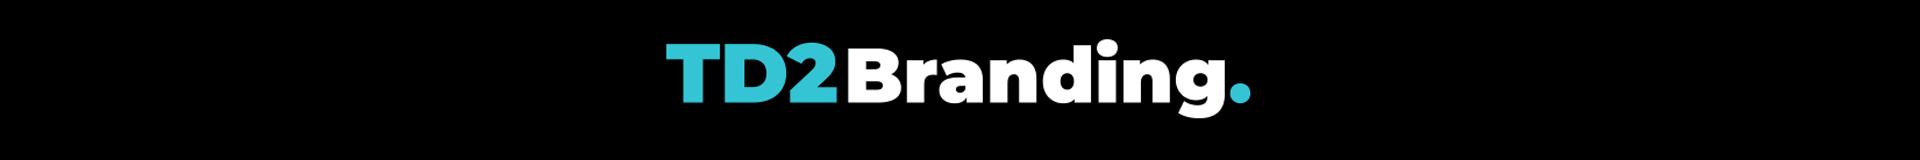 TD2 Branding